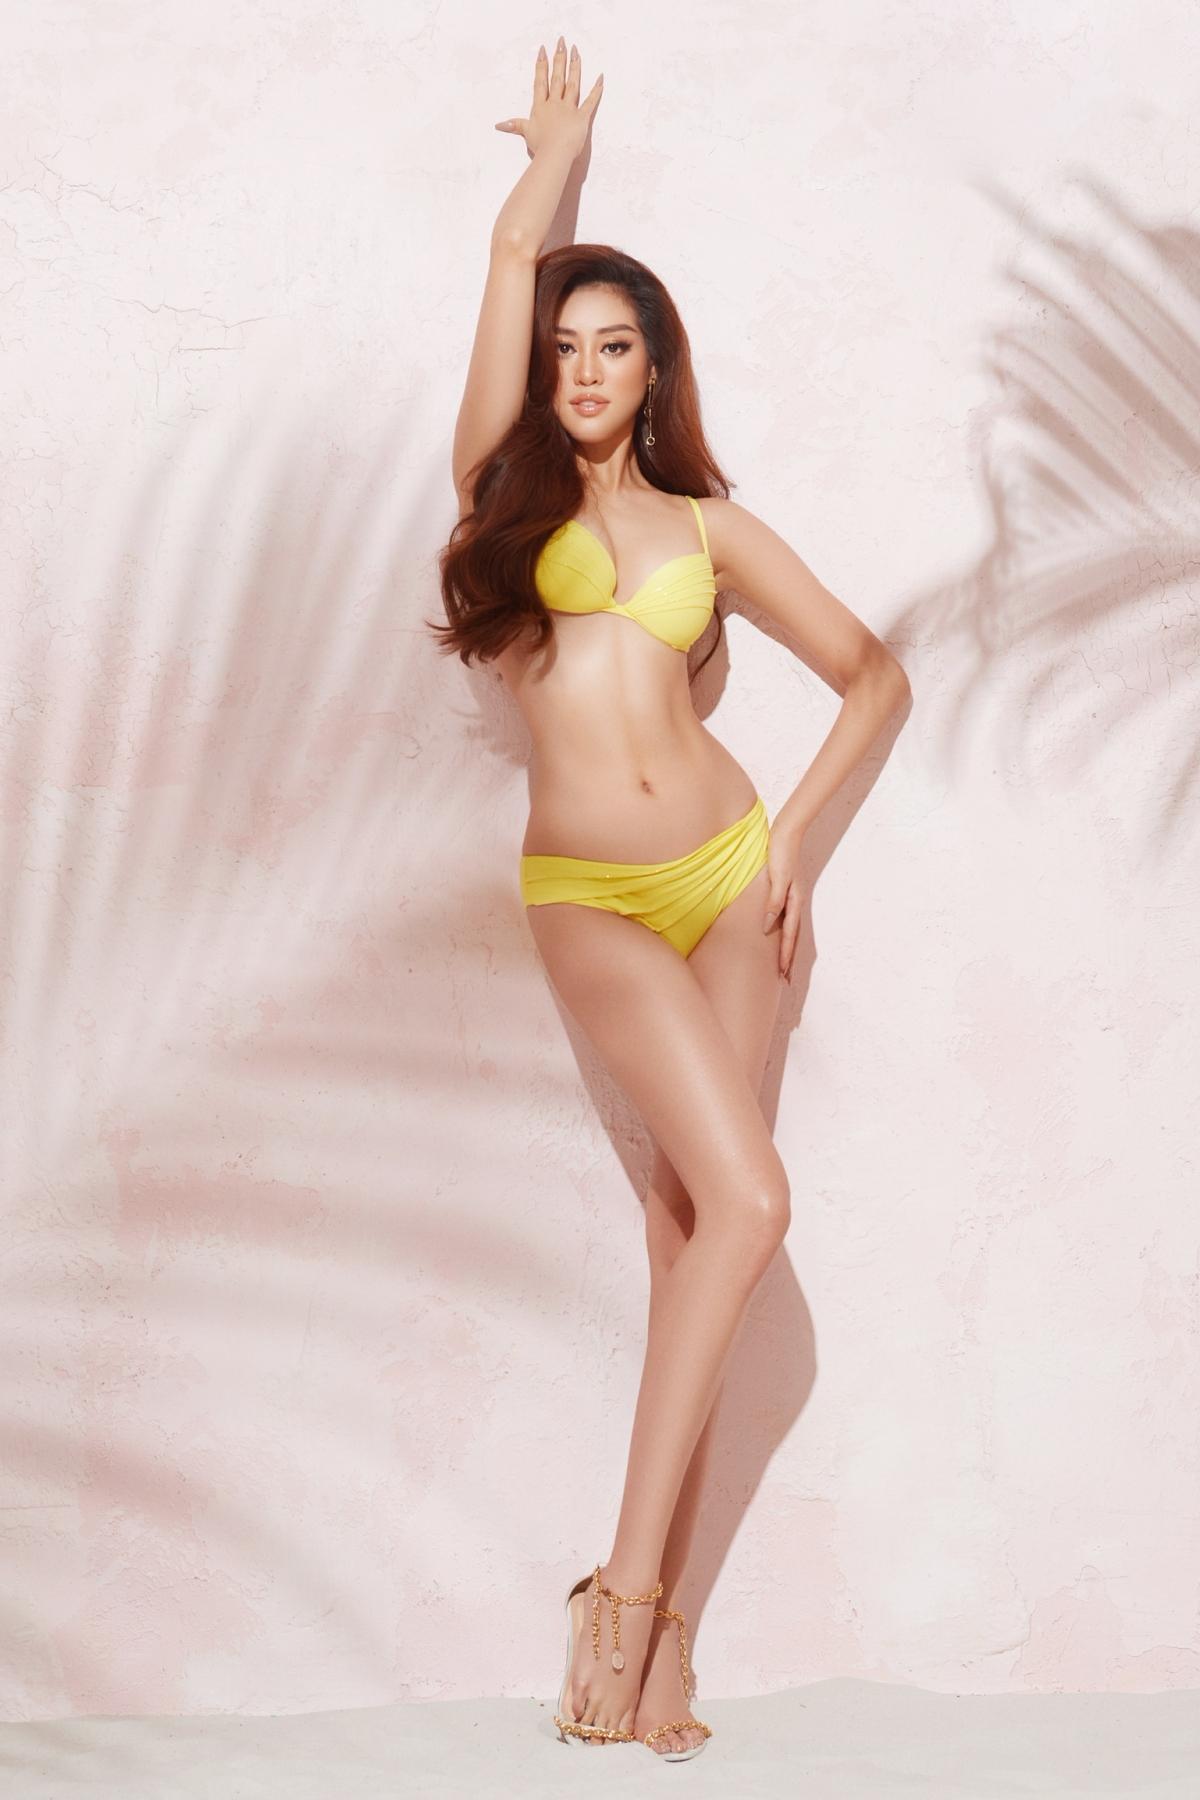 Khán giả quốc tế ngày càng ủng hộ Hoa hậu Khánh Vân và dành cho cô nhiều lời khen ngợi, đặc biệt câu chuyện Khánh Vân và ngôi nhà OBV đã lan tỏa khắp mạng xã hội quốc tế, có nhiều người quan tâm đến dự án này.